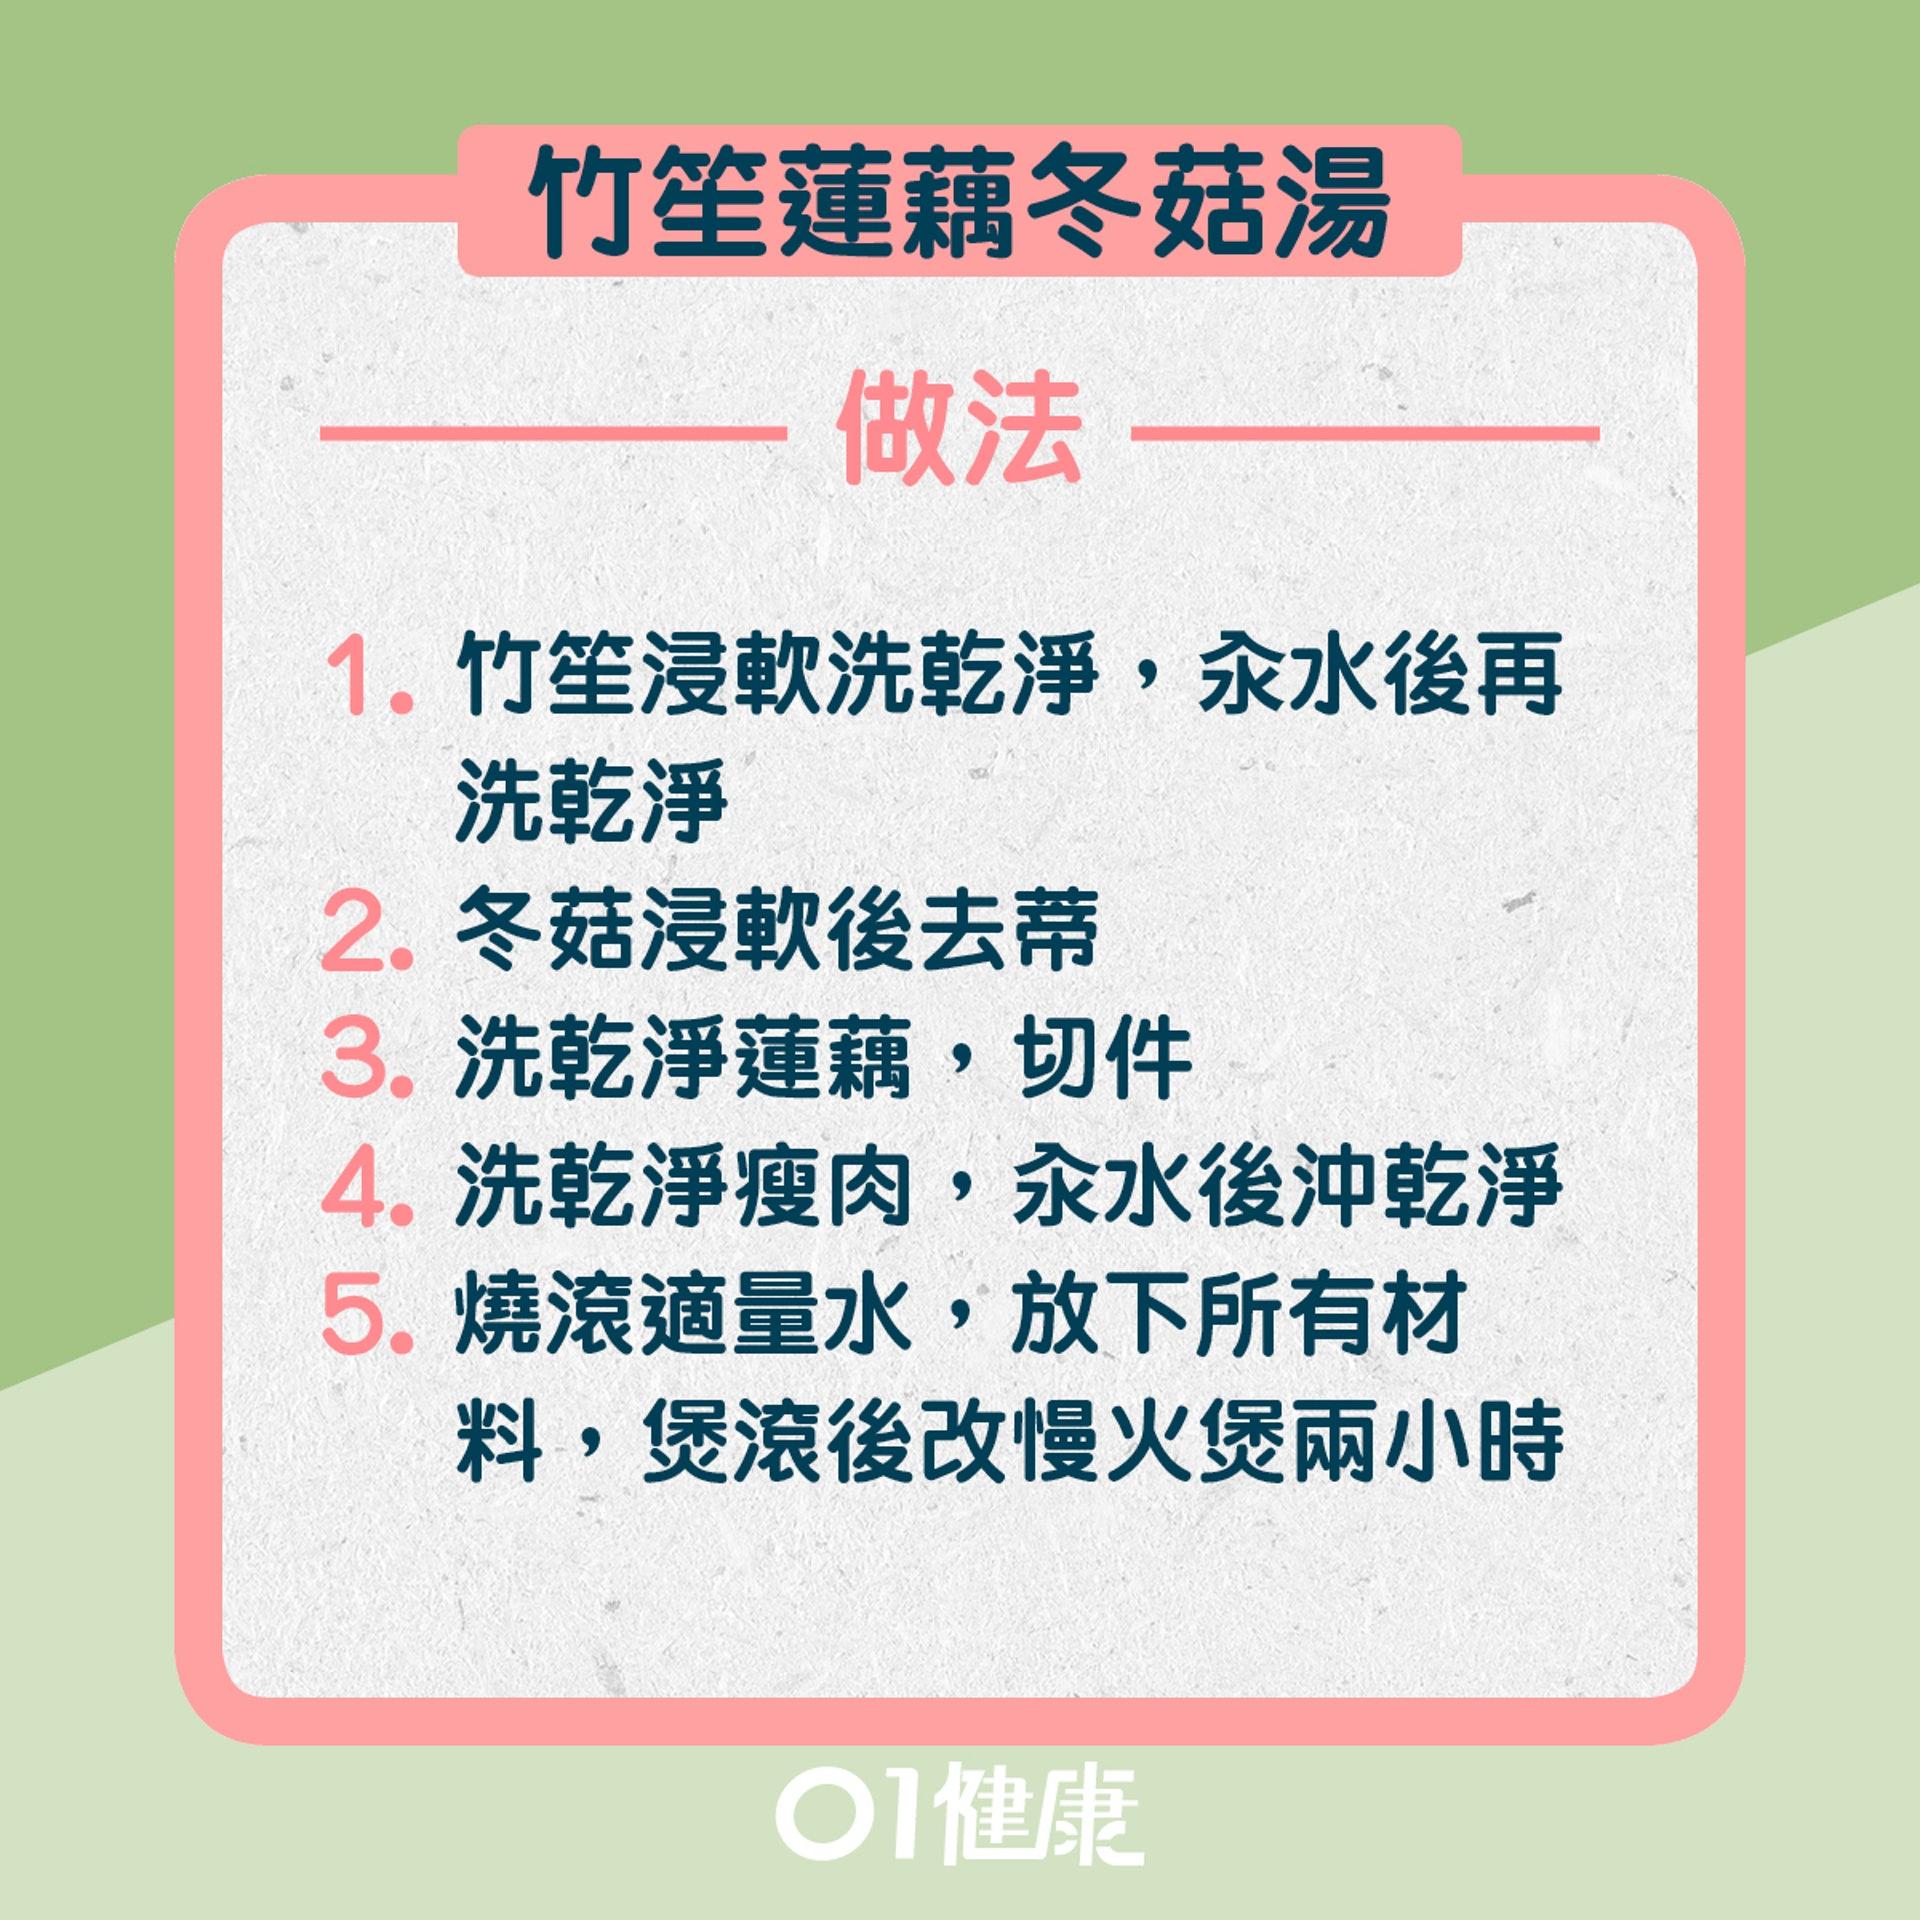 1. 竹笙蓮藕冬菇湯:做法(01製圖)